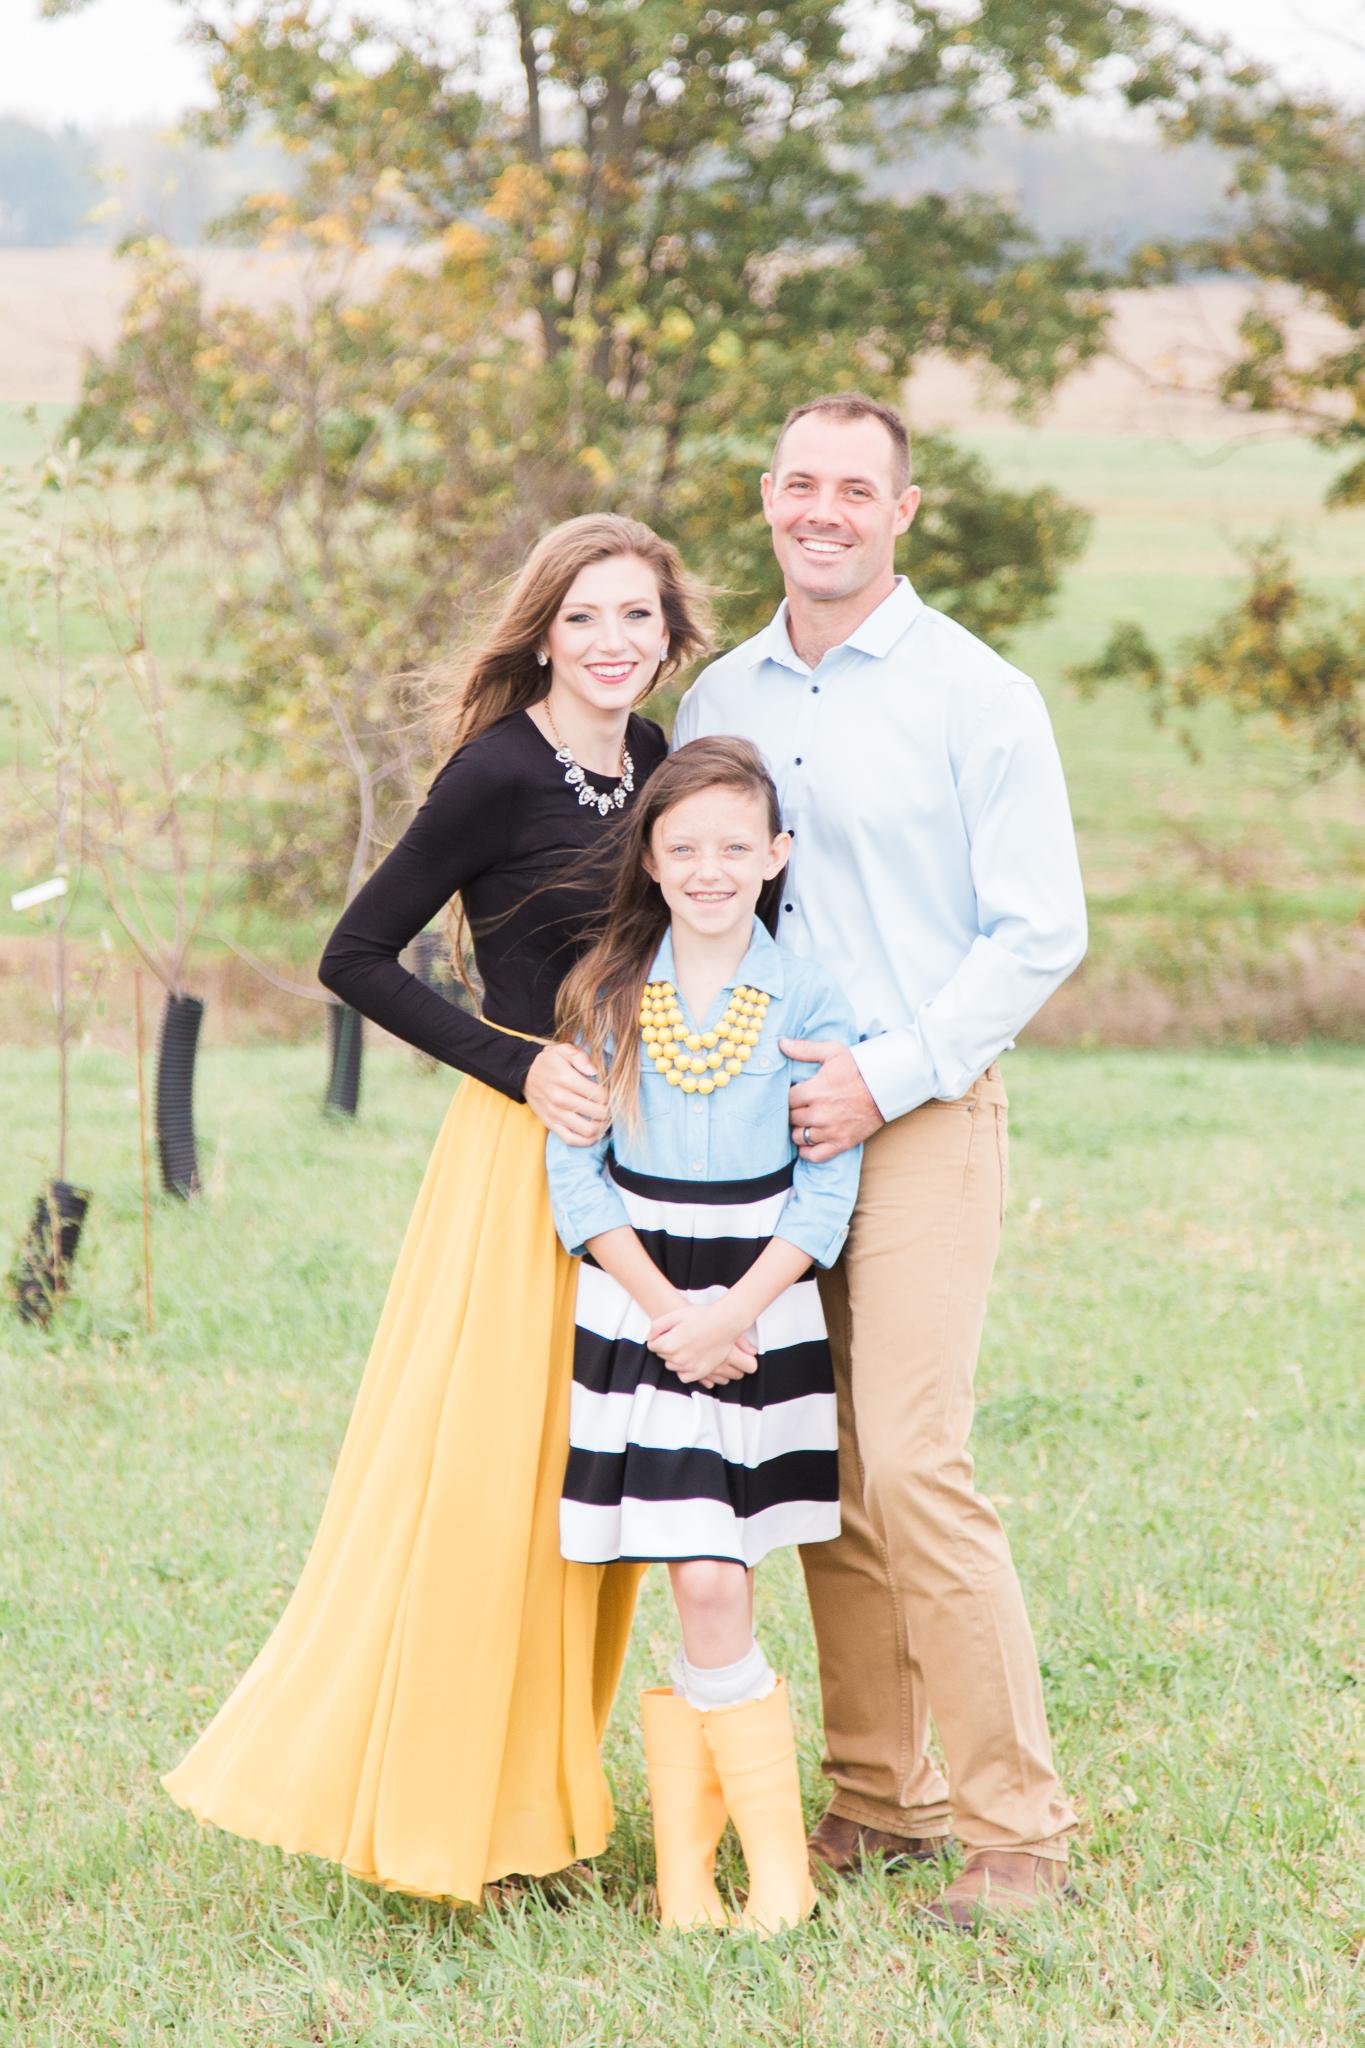 walkerfamily2-3.jpg